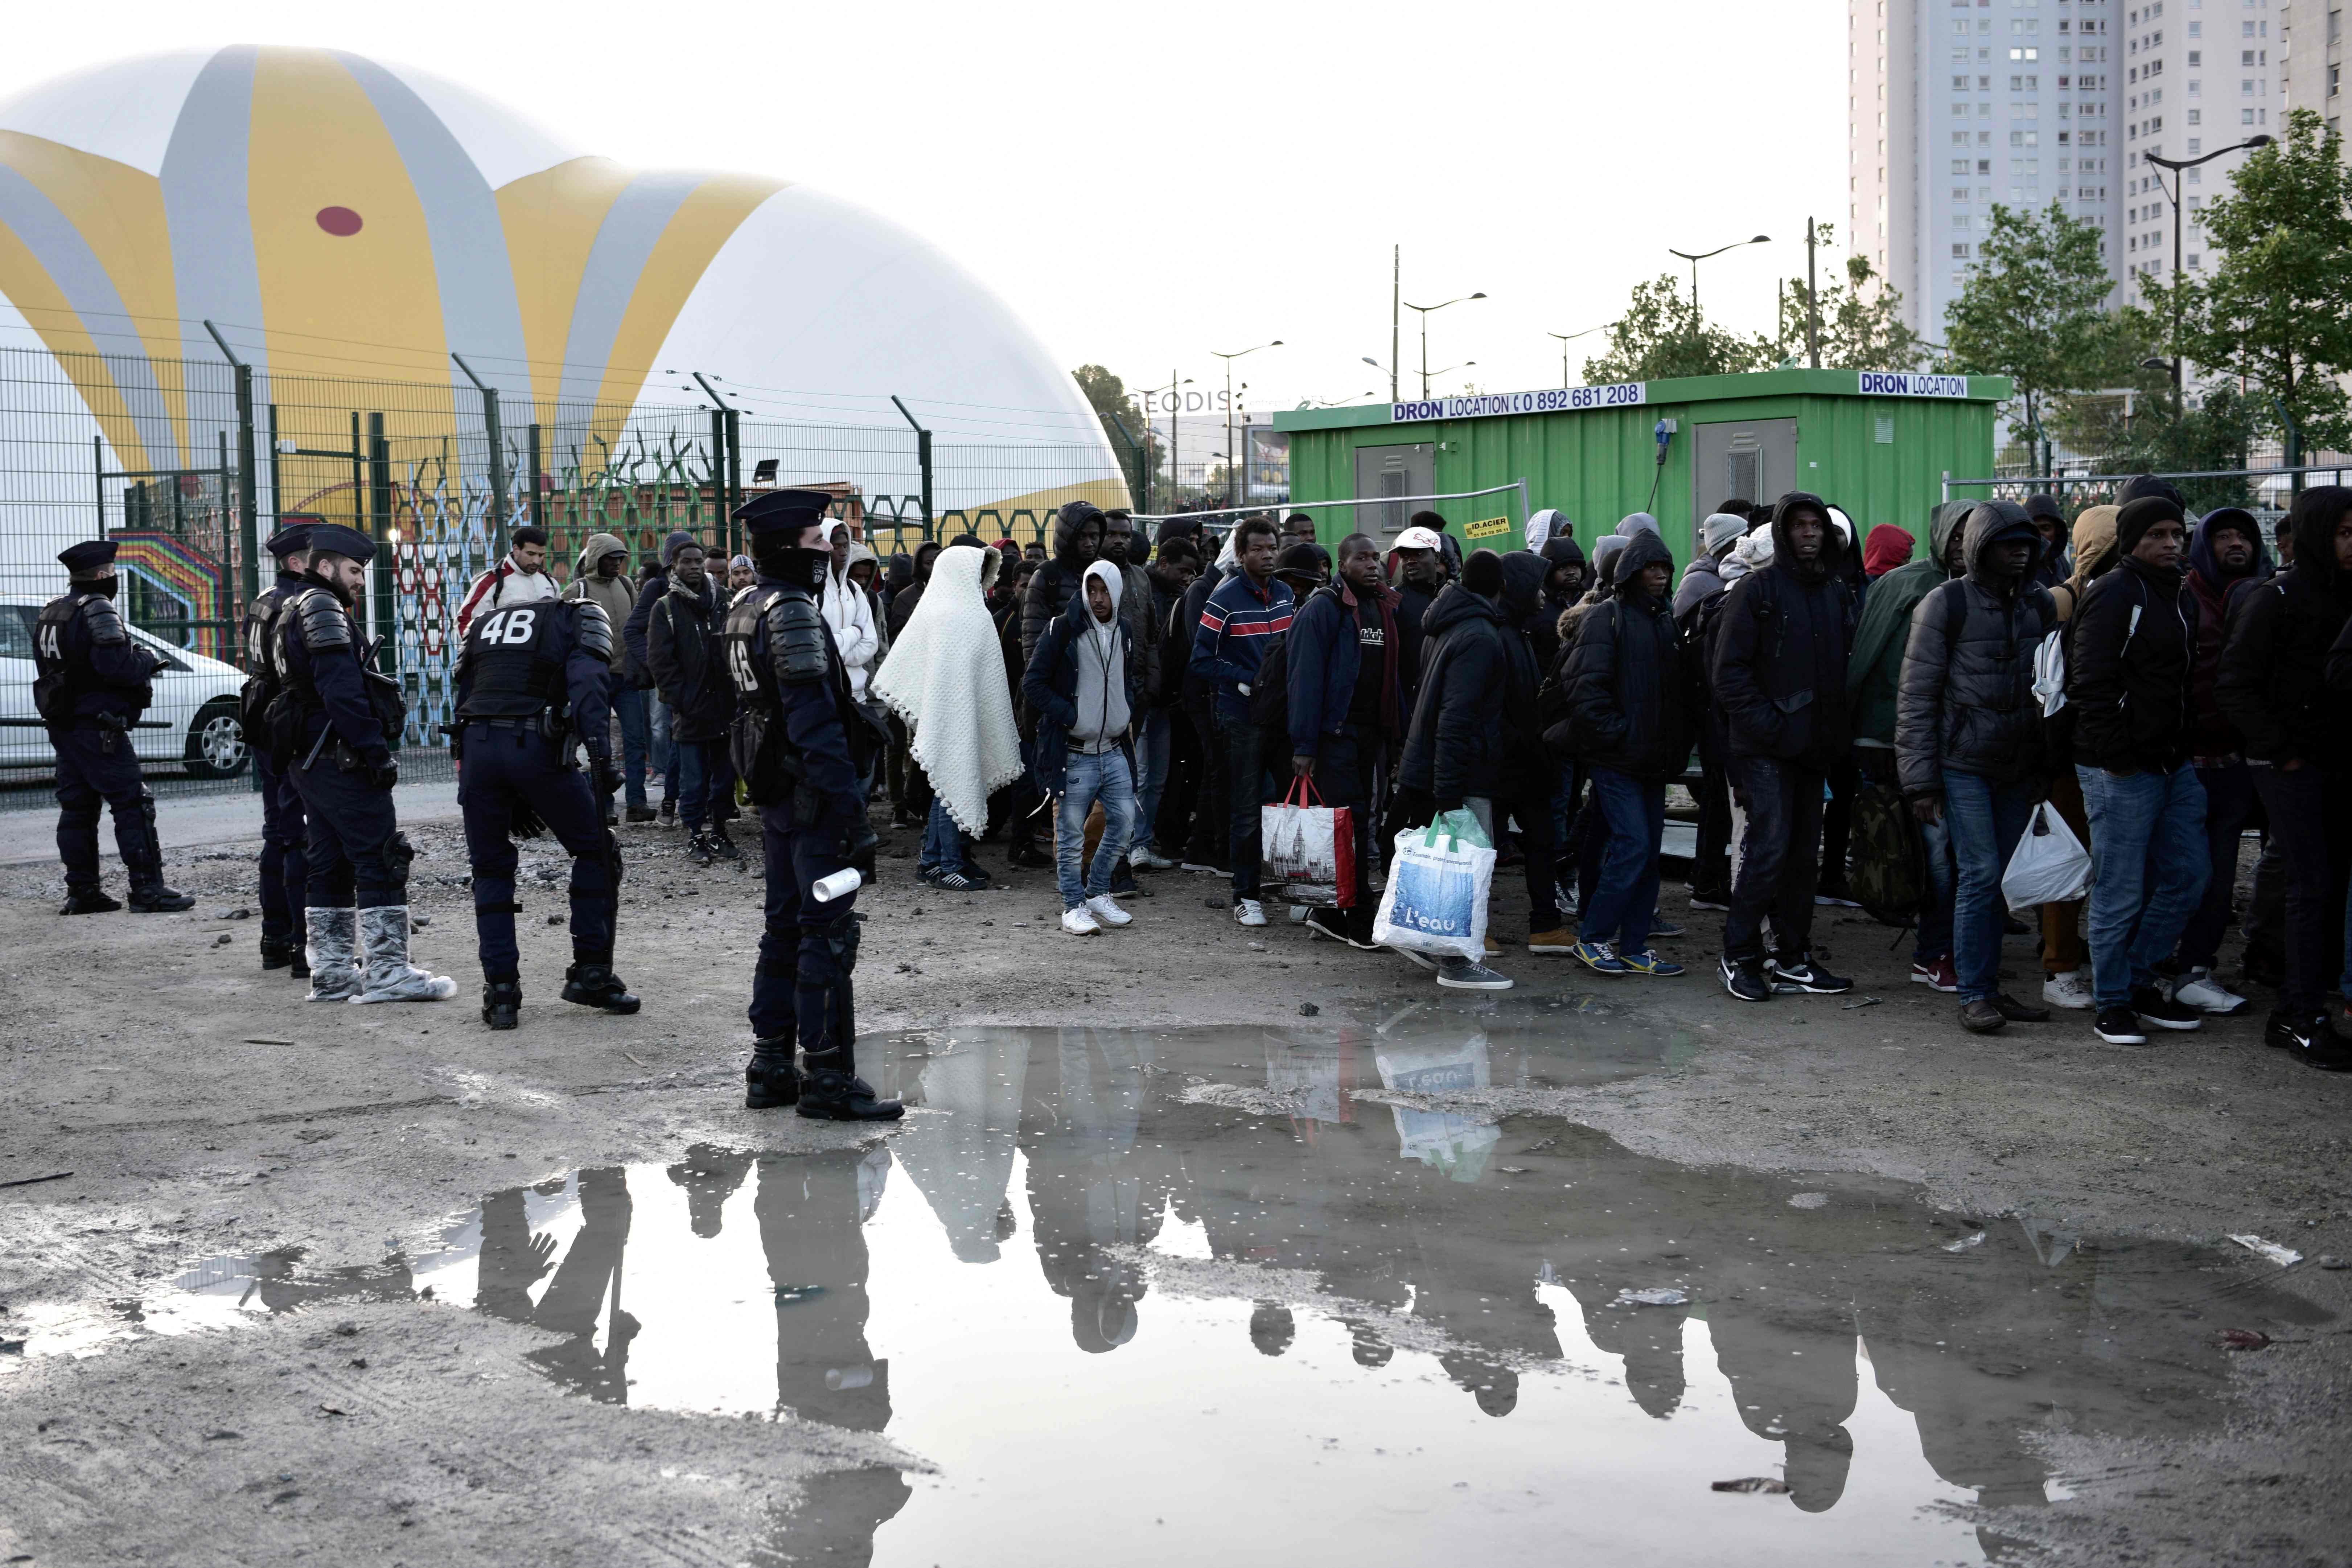 مئات اللاجئين يخرجون من مخيم فى باريس